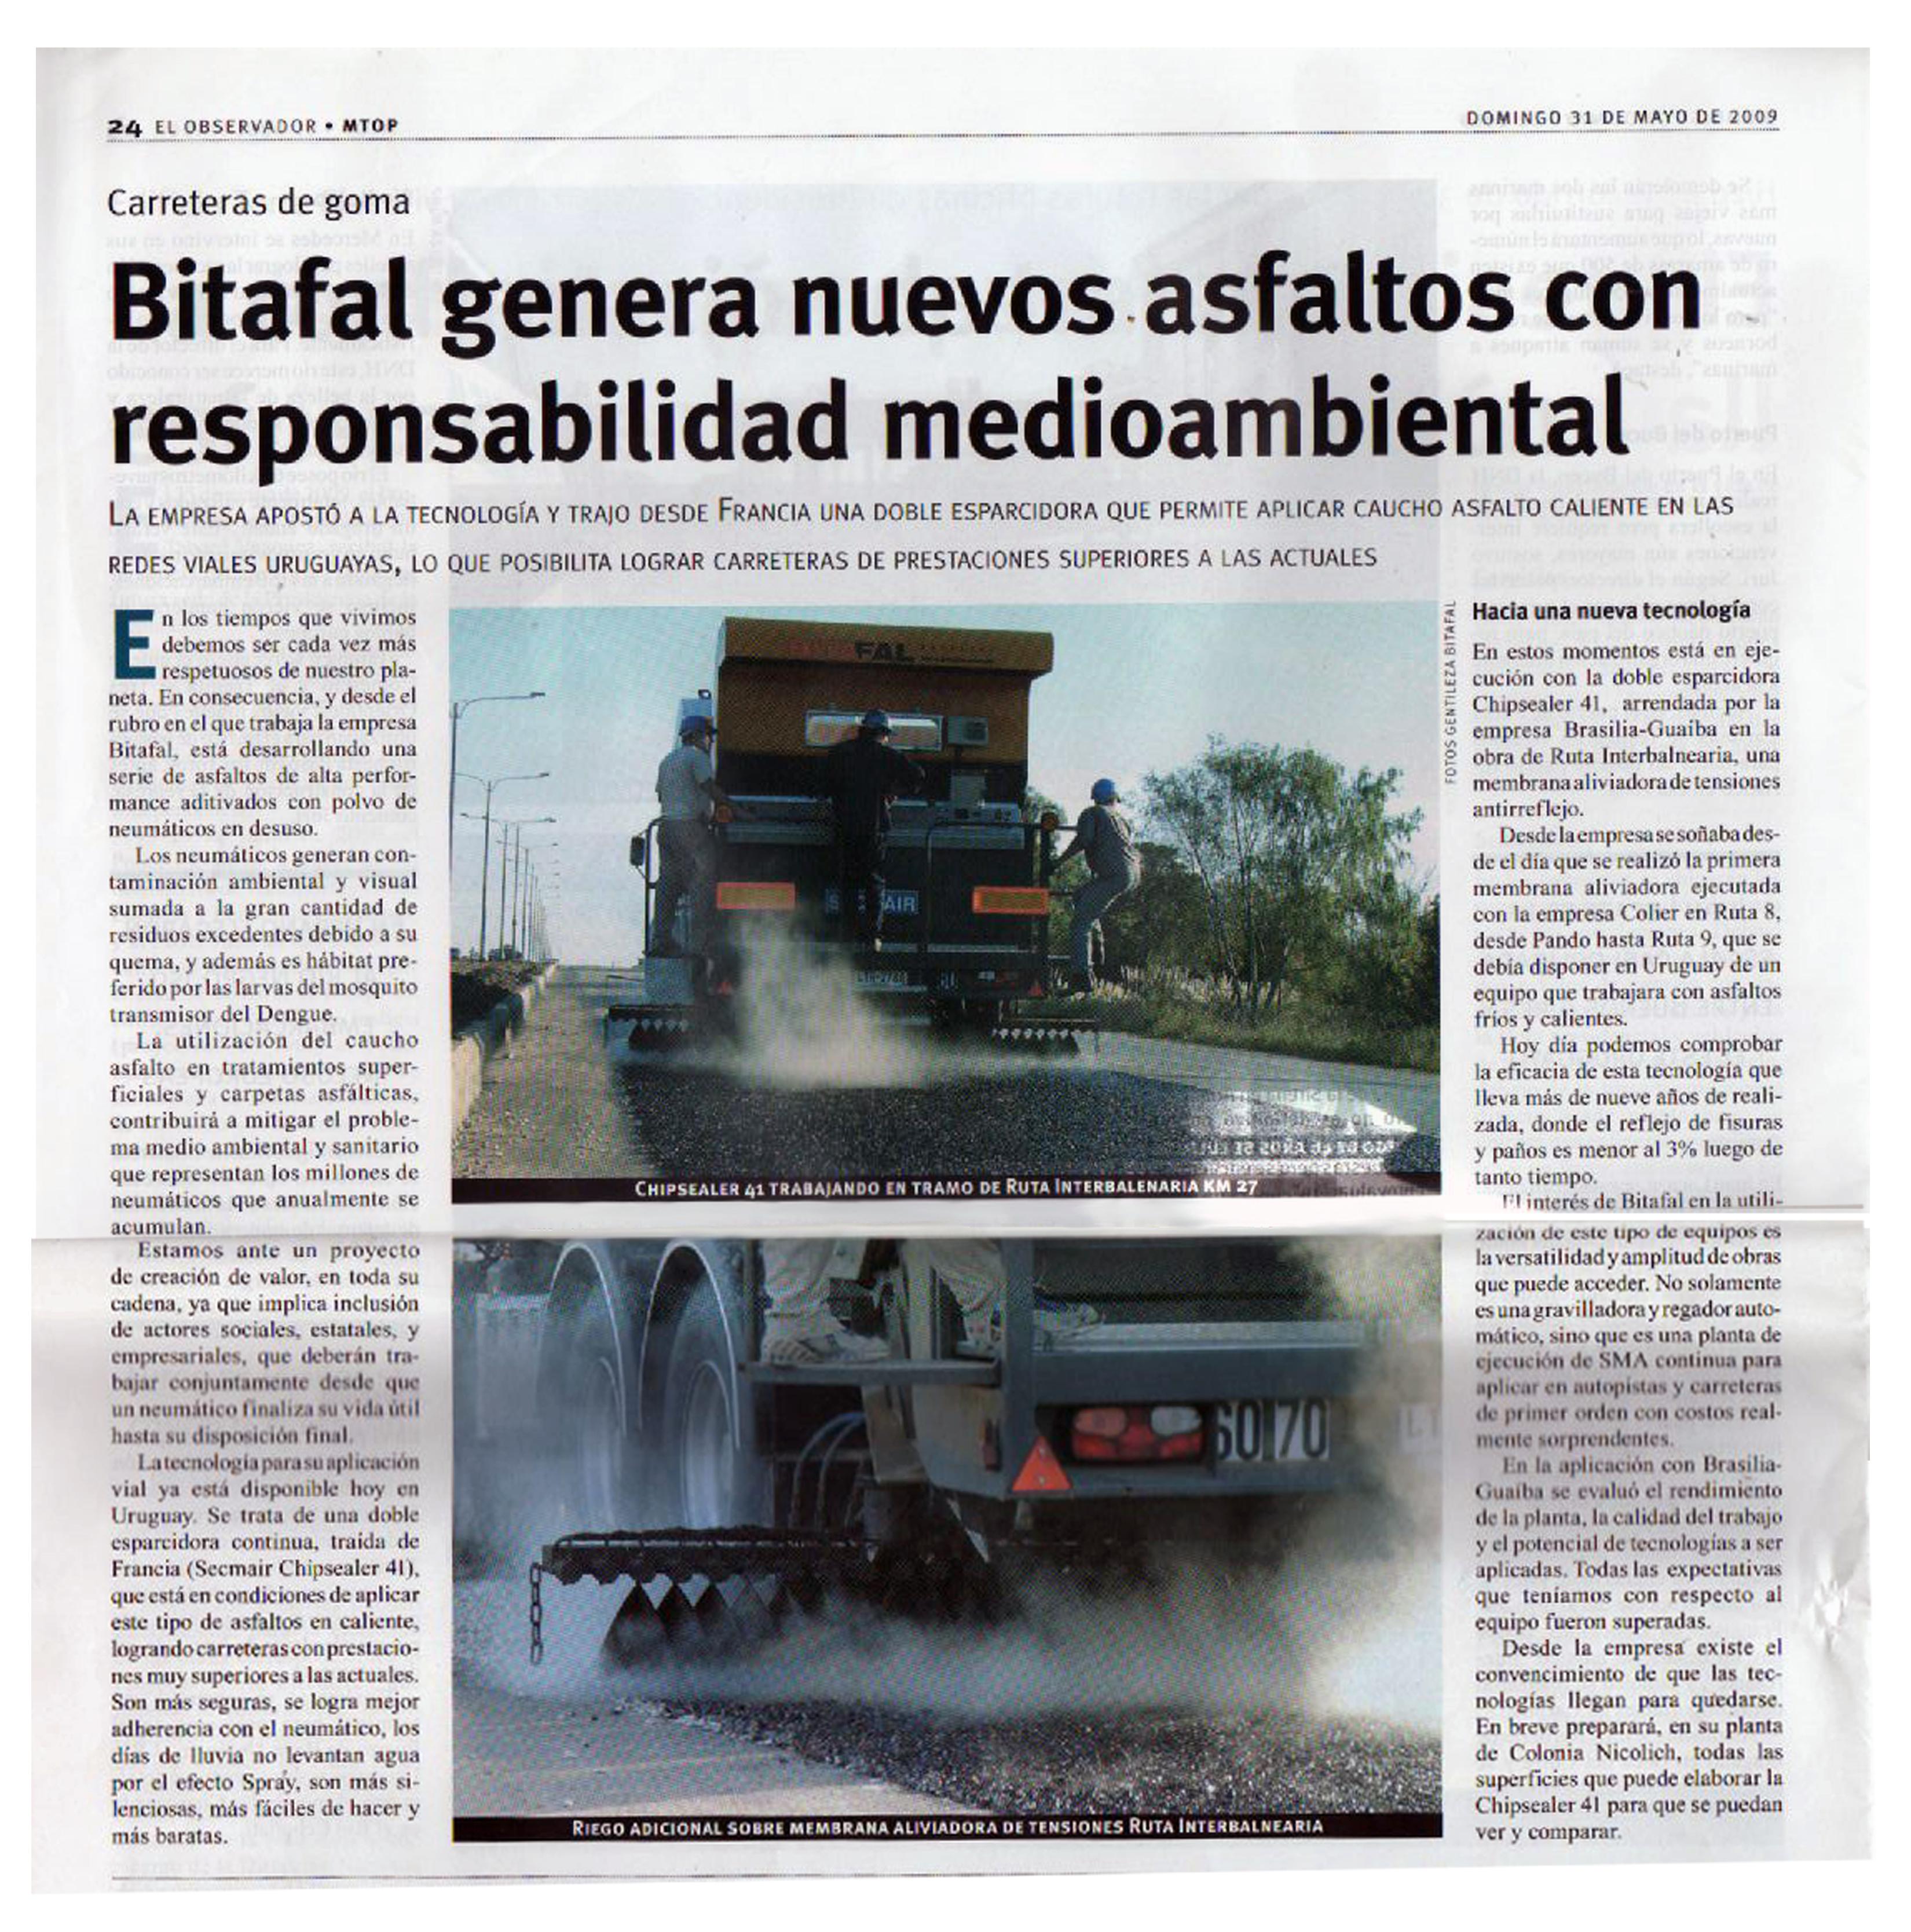 Bitafal genera nuevos asfaltos con responsabilidad medioambiental.